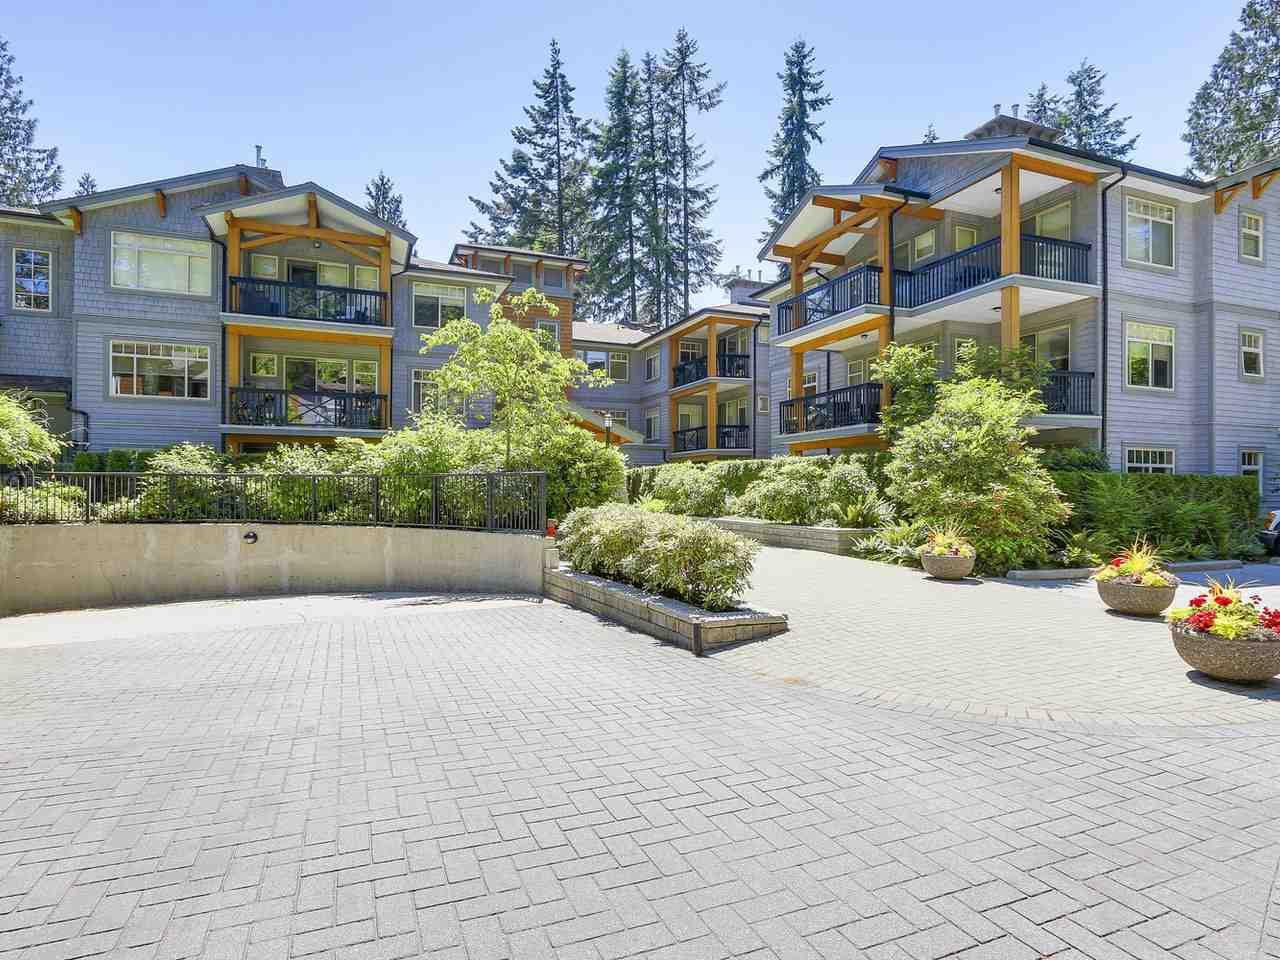 """Main Photo: 205 3125 CAPILANO Crescent in North Vancouver: Capilano NV Condo for sale in """"Capilano Ridge"""" : MLS®# R2189139"""